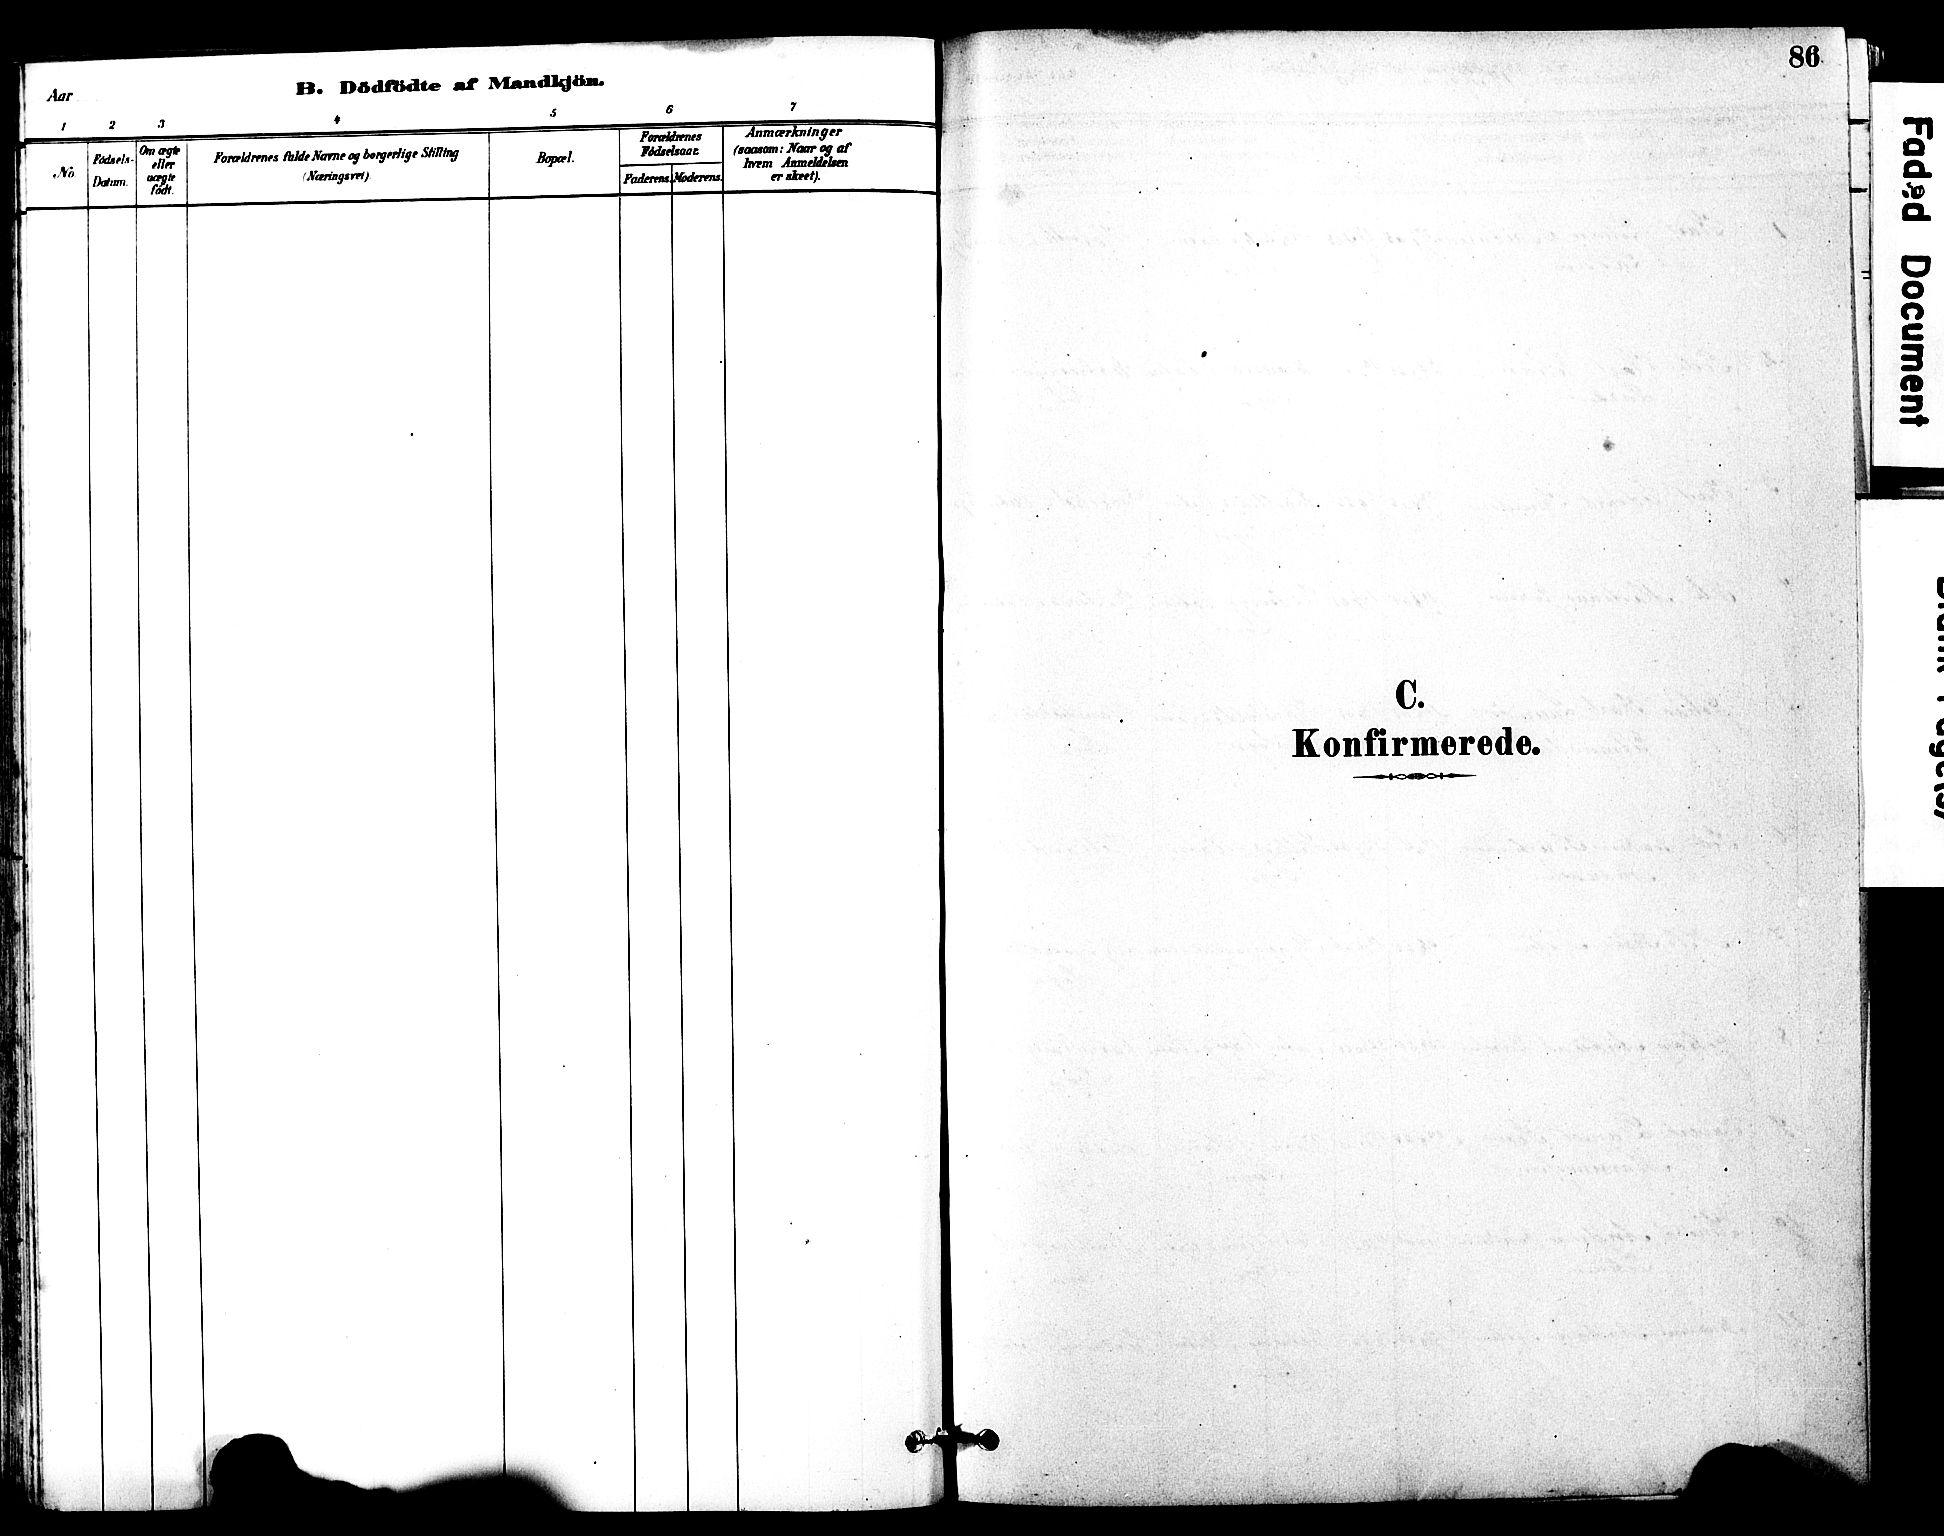 SAT, Ministerialprotokoller, klokkerbøker og fødselsregistre - Møre og Romsdal, 525/L0374: Parish register (official) no. 525A04, 1880-1899, p. 86